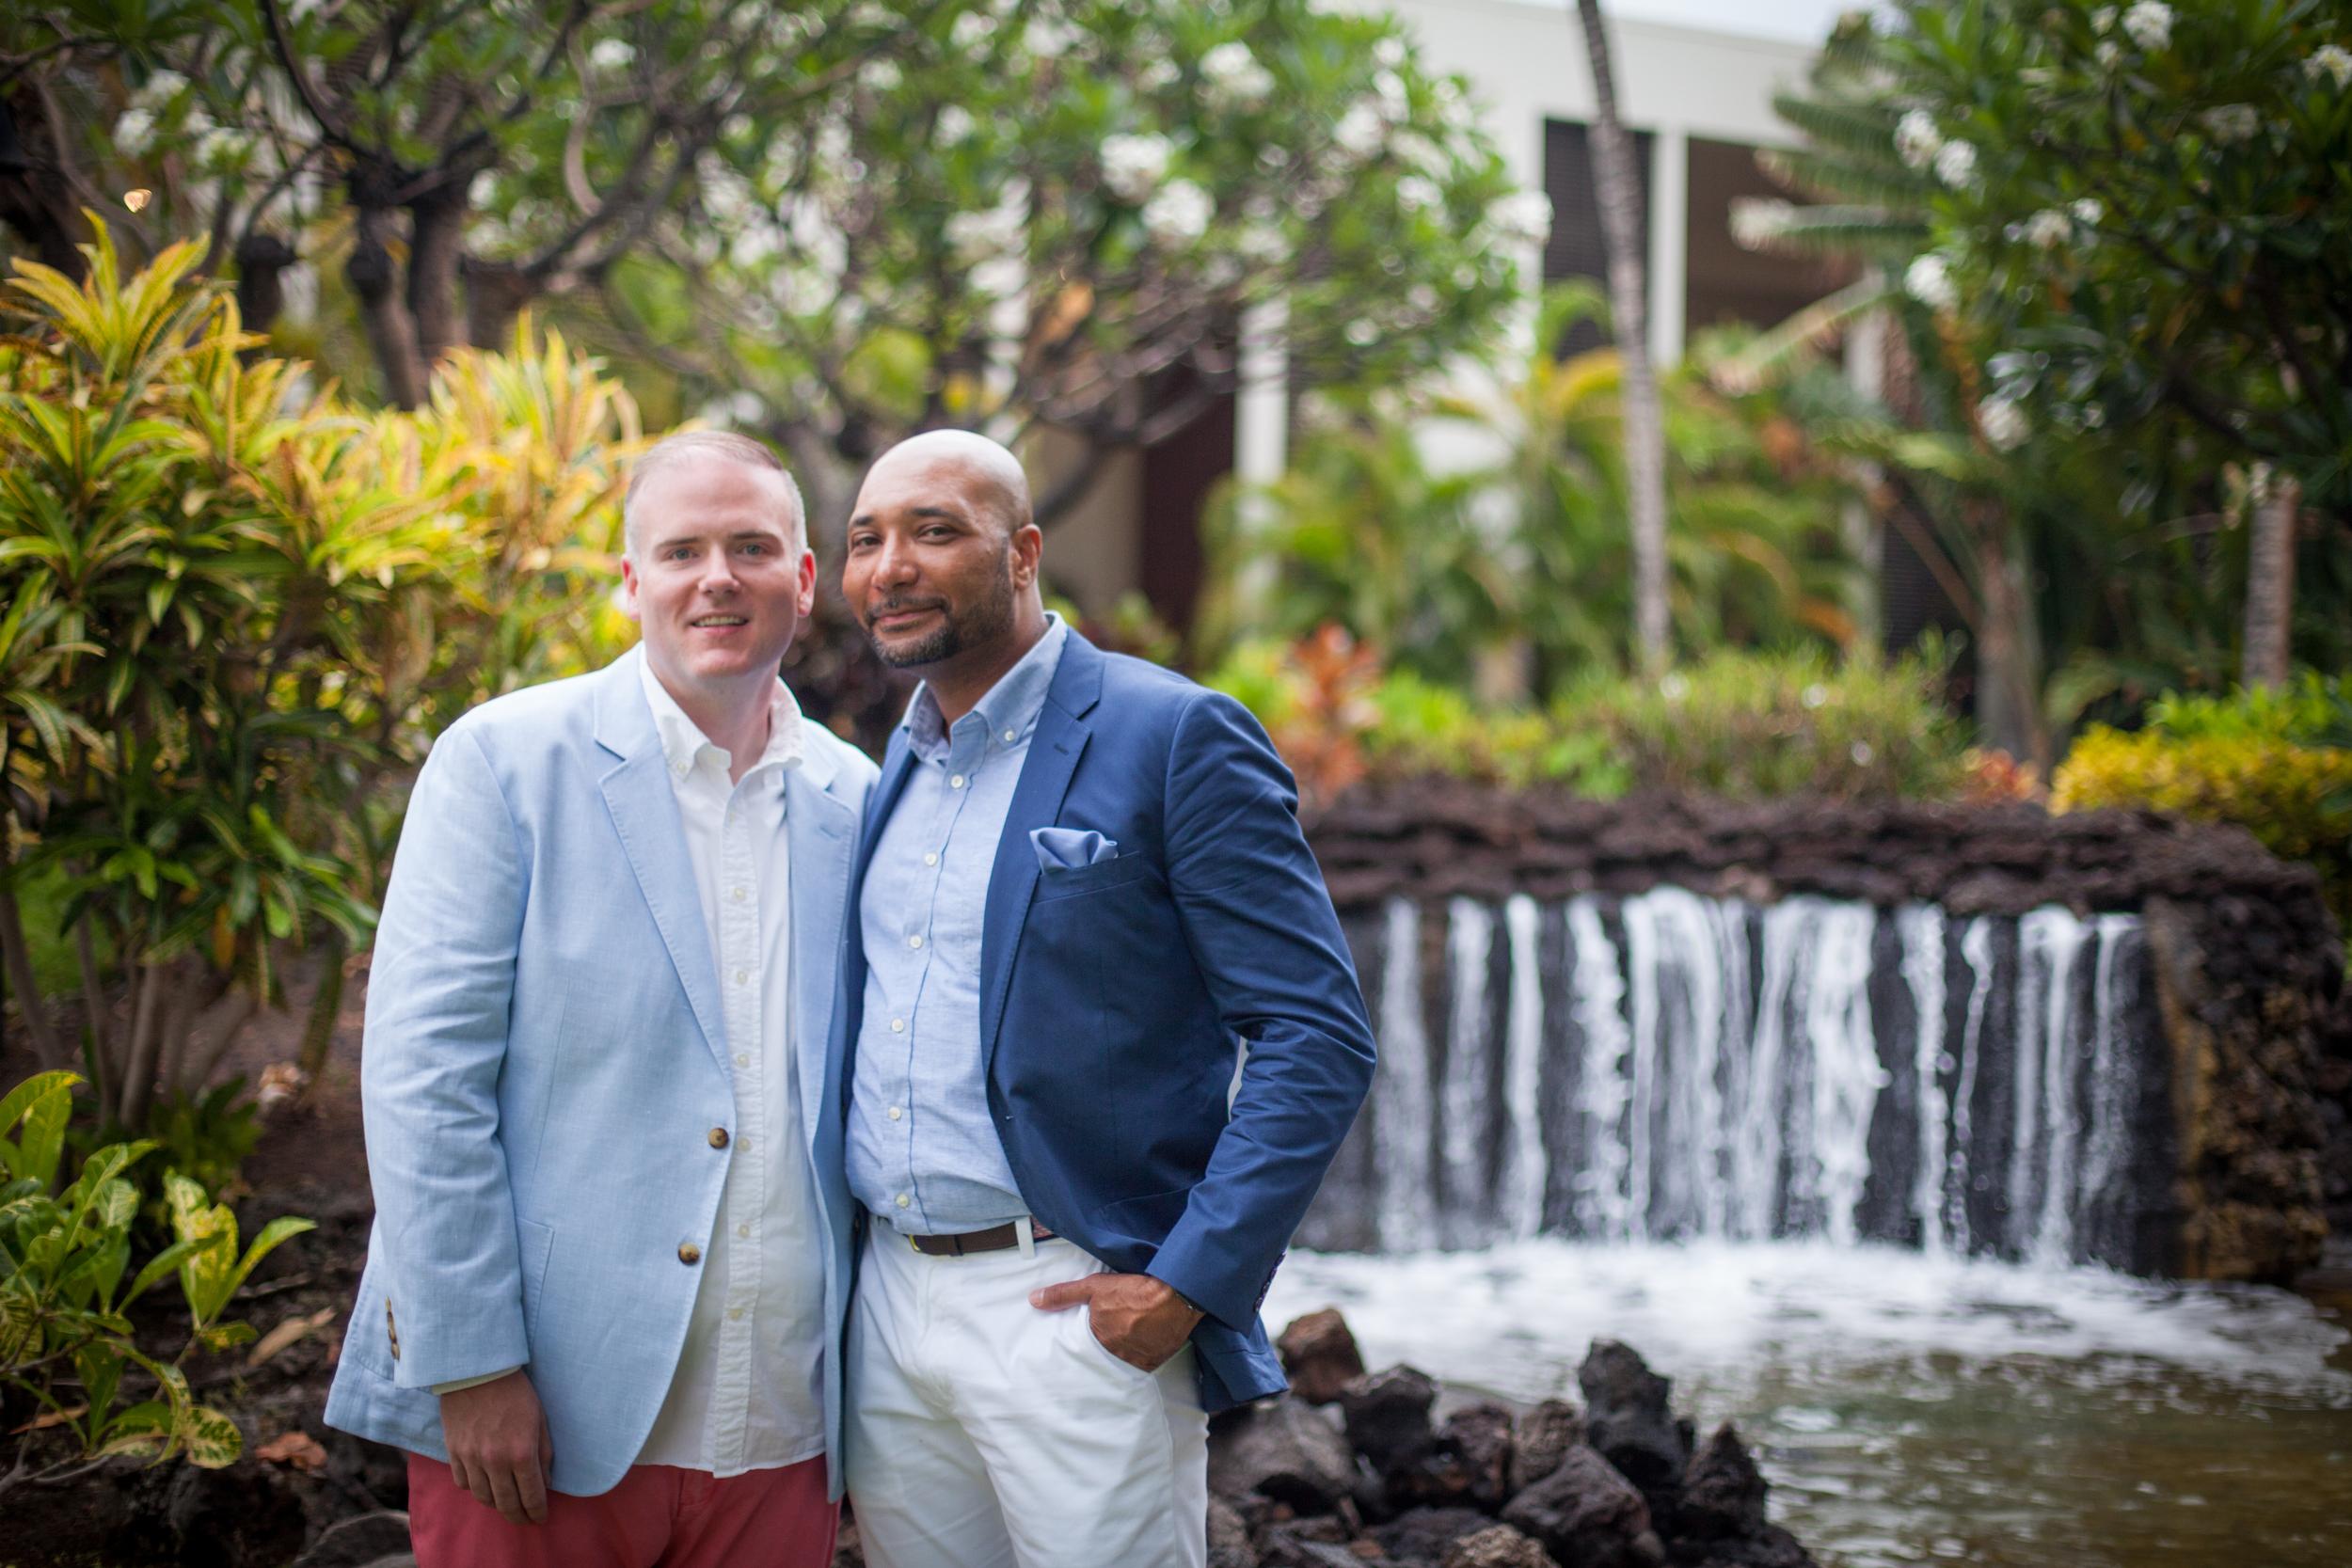 big island hawaii rmauna lani beach wedding © kelilina photography 20160601181405-3.jpg